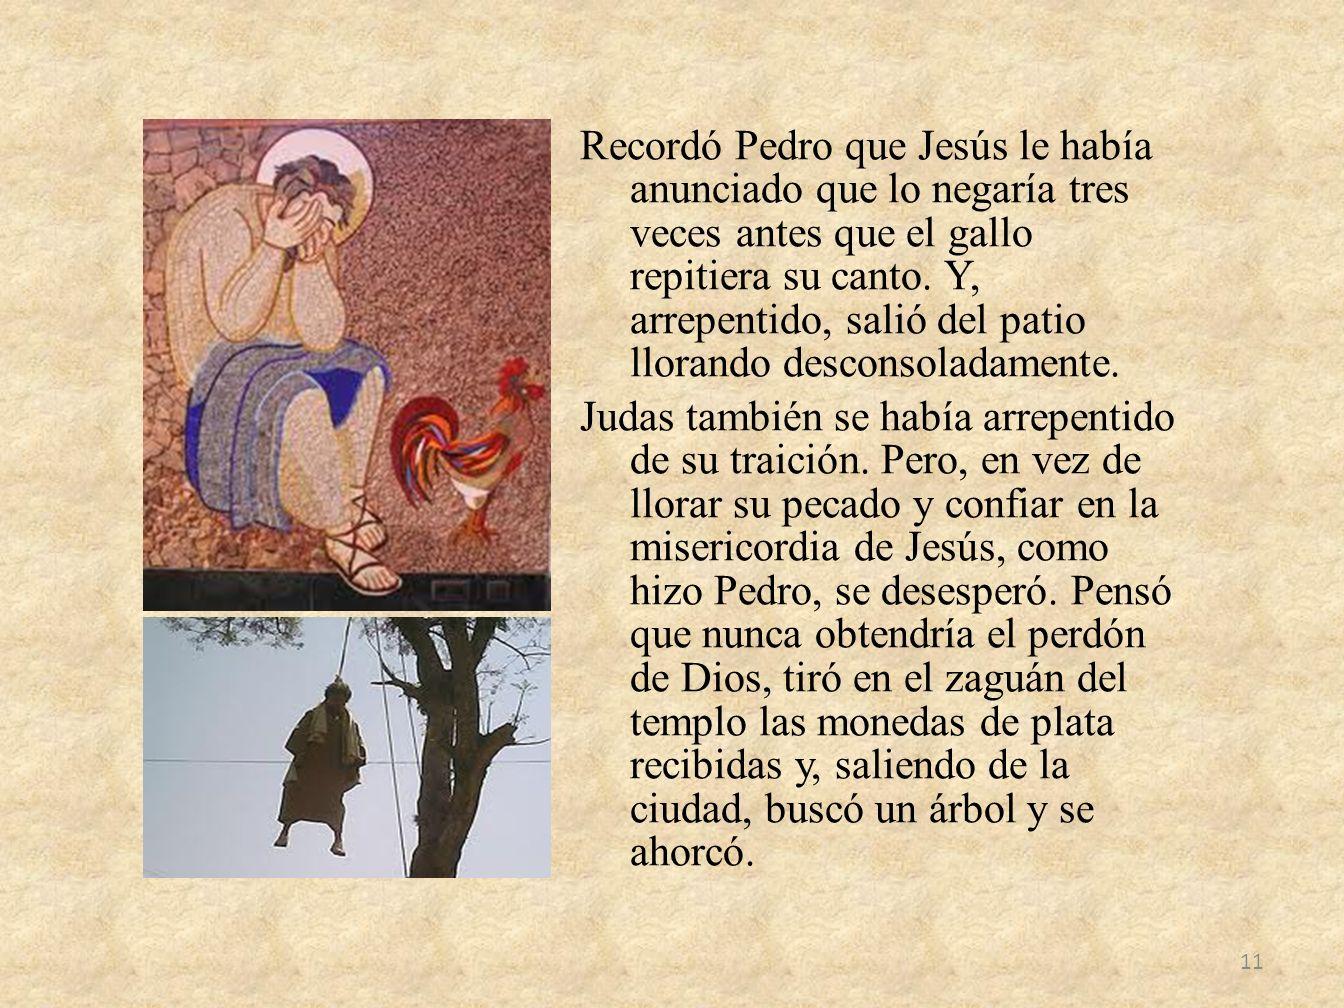 Recordó Pedro que Jesús le había anunciado que lo negaría tres veces antes que el gallo repitiera su canto.